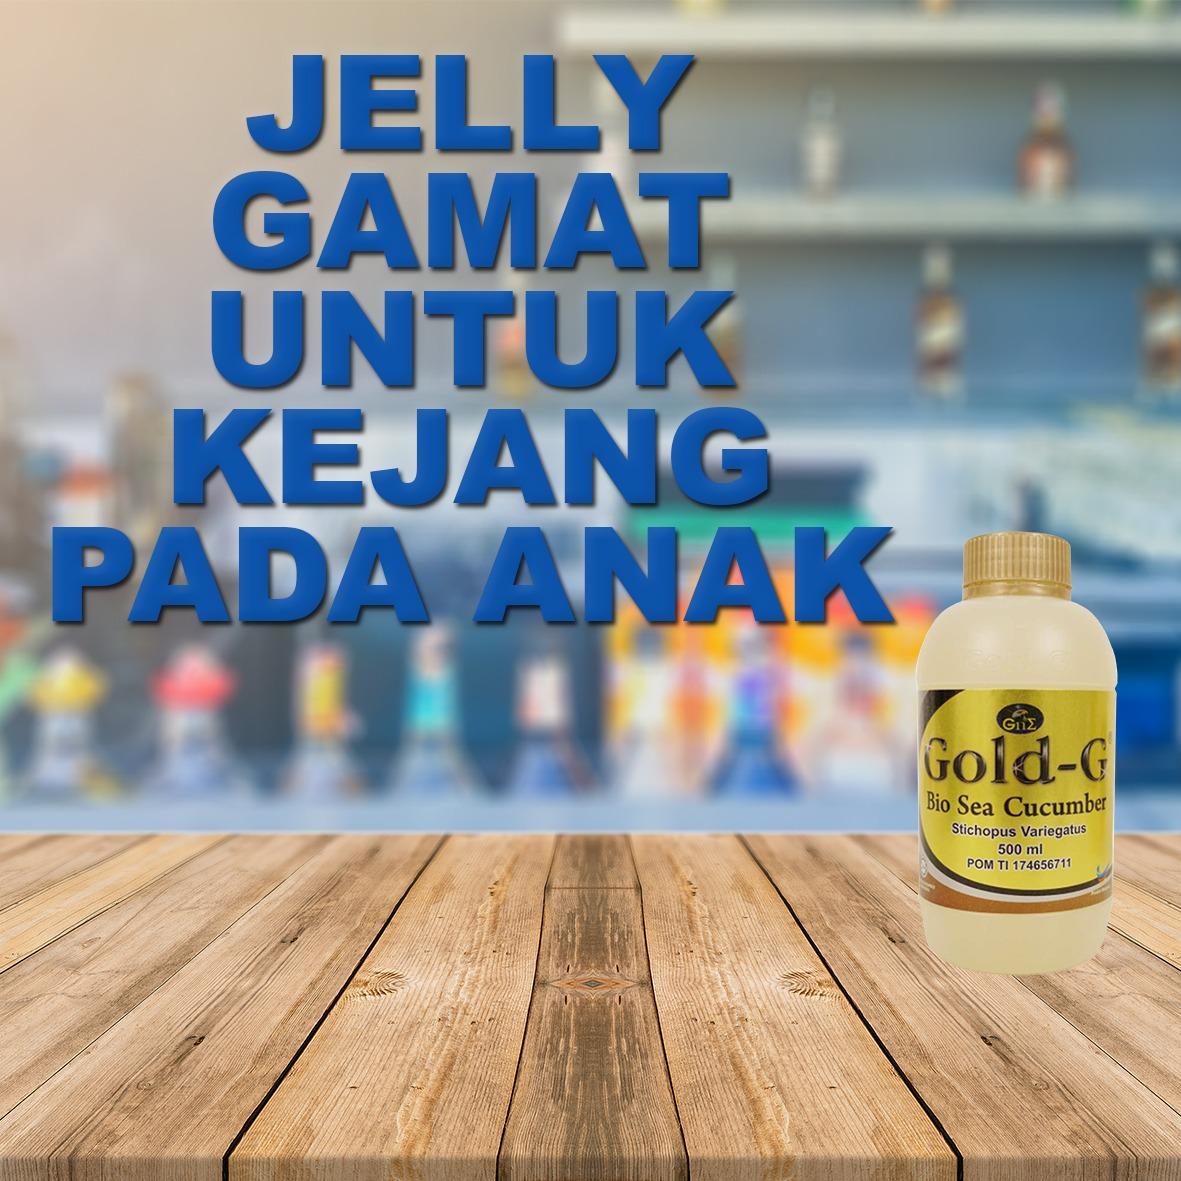 Jelly Gamat Gold G Untuk Kejang Anak